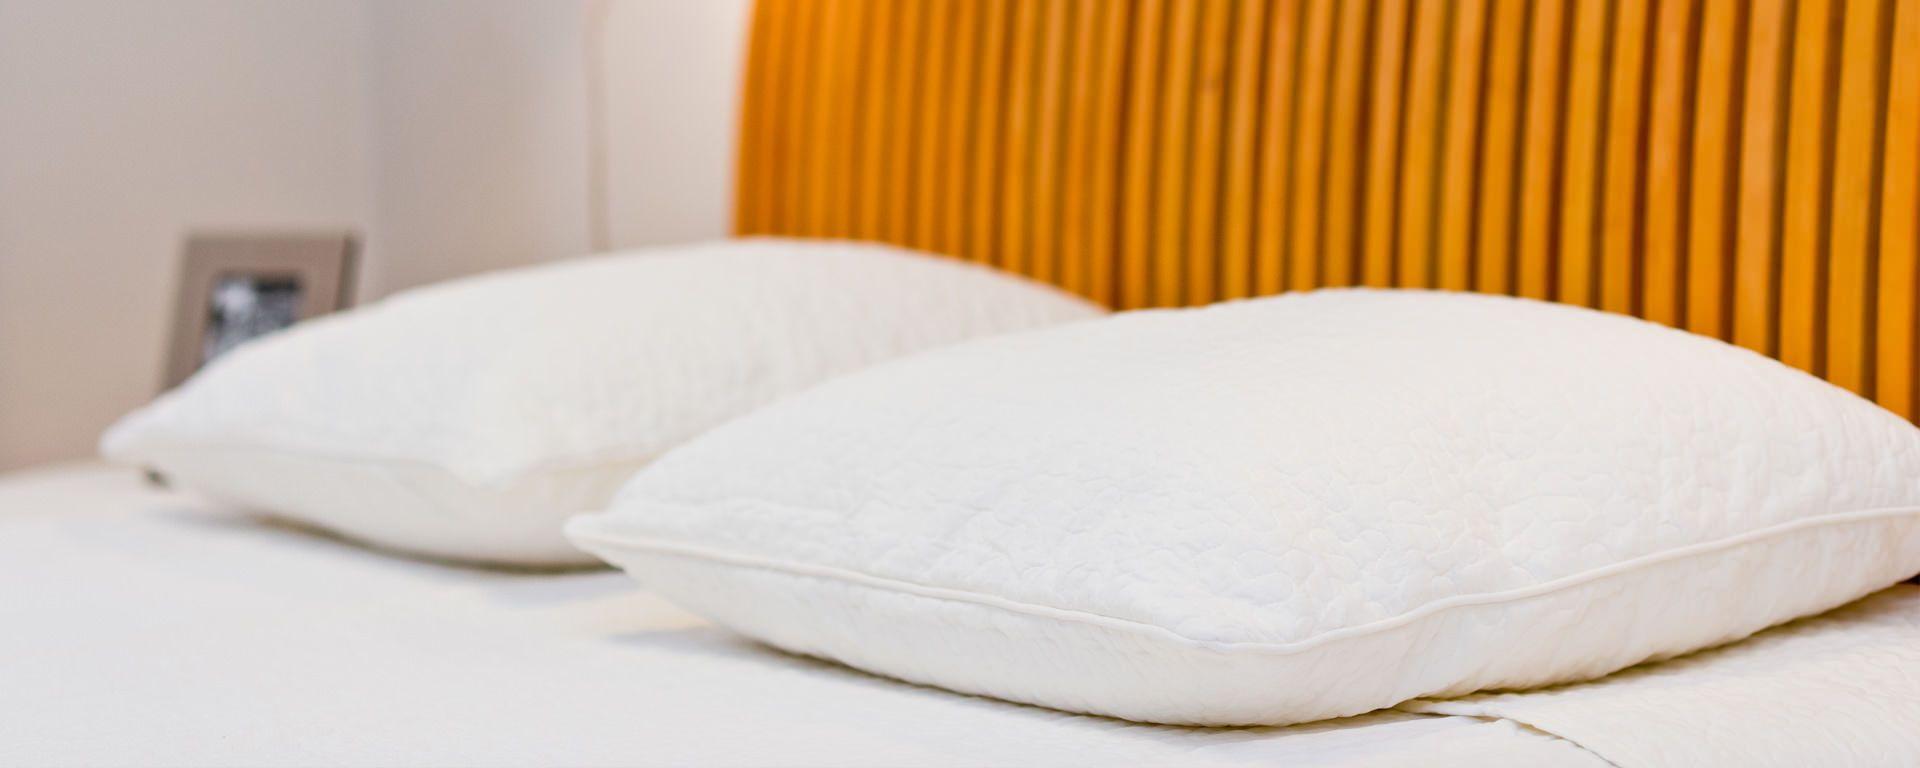 Come eliminare le cimici del letto soluzioni di casa - Come eliminare cimici del letto ...